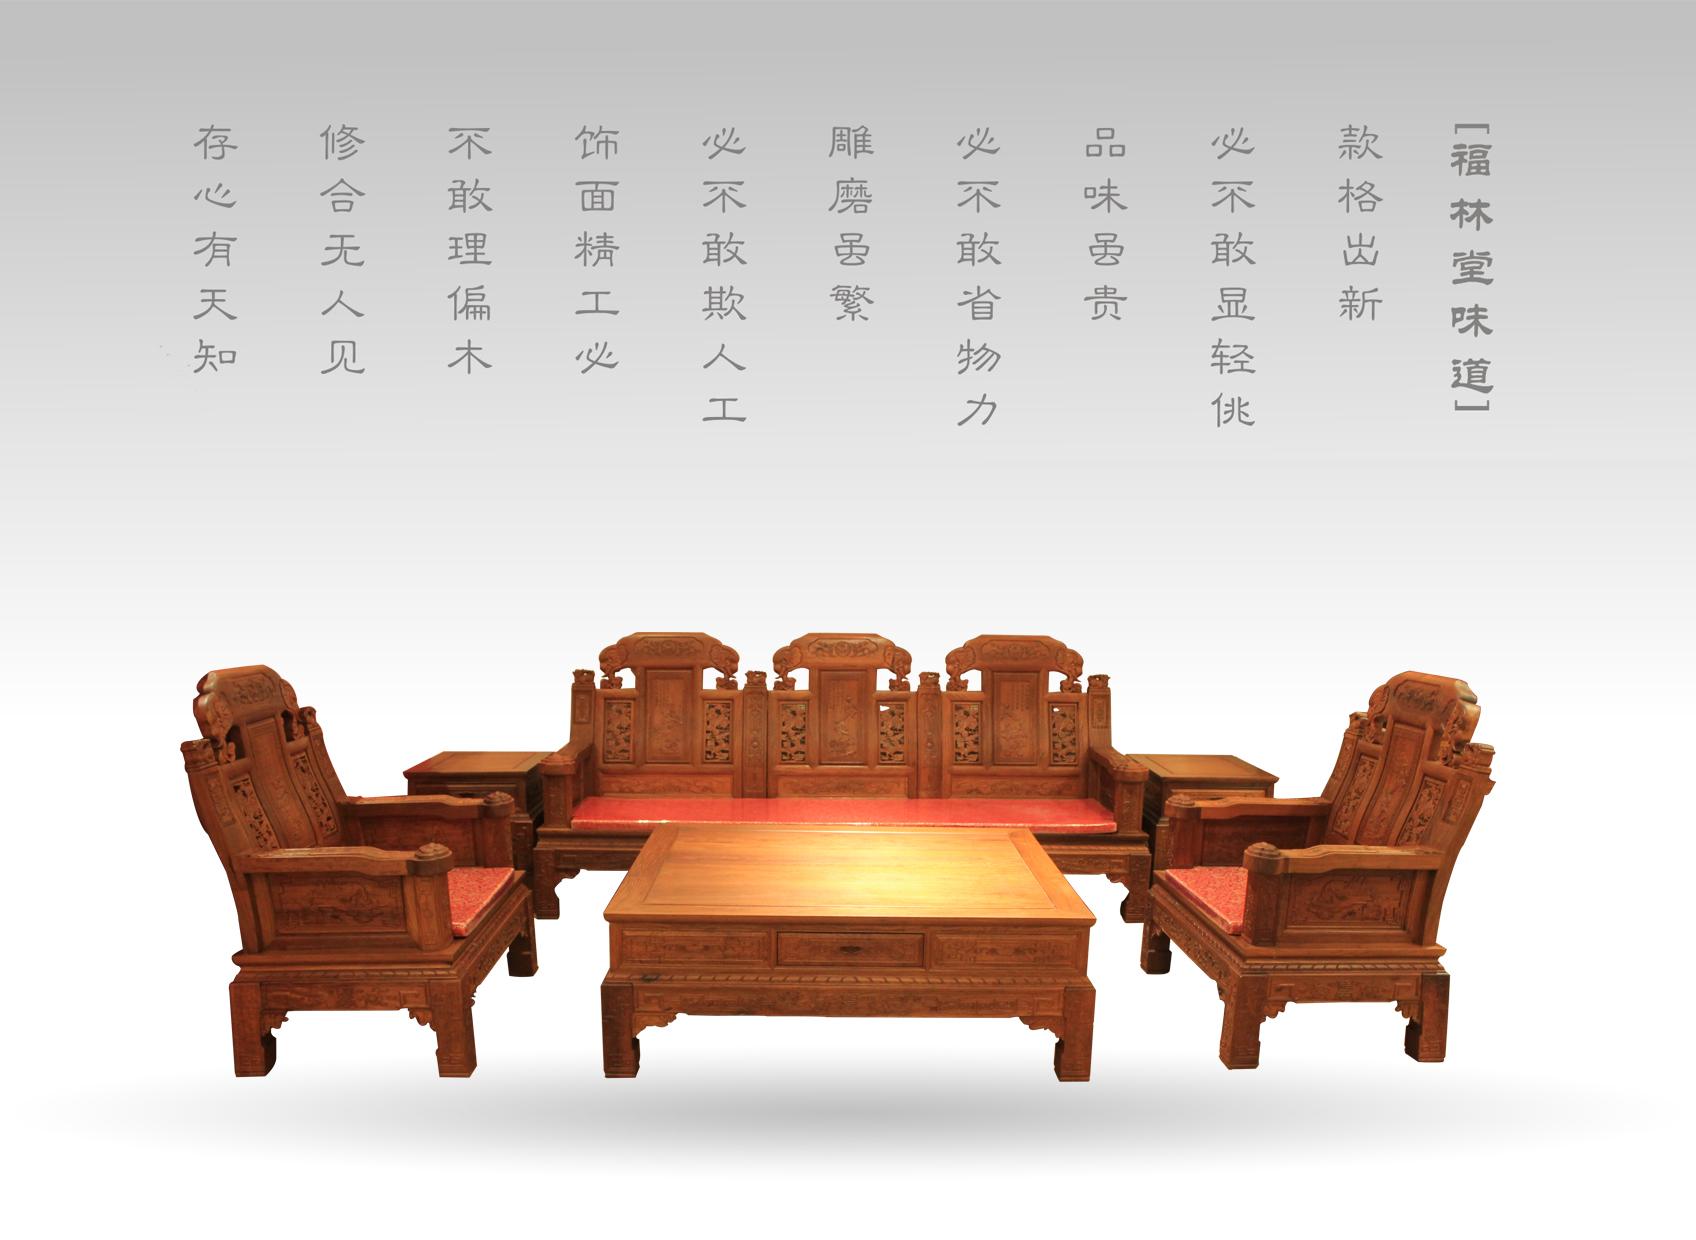 说起沙发,相信大家都不会感到陌生了,作为一件家具,日常生活中的必需品,我们无时无刻都无法缺少它的陪伴,无论是软沙发、硬沙发、是客厅里要用到的,还是餐厅、办公场所等等,而红木沙发,作为当下比较流行时尚畅销的一类家具,如今亦受到越来越多人的关注。  沙发是个外来词,是根据英语单词sofa音译而来,是一种装有软垫的多座位椅子,装有弹簧或厚泡沫塑料等的靠背椅,两边有扶手,是软件家具的一种。沙发的起源可追溯到公元前2000年左右的古埃及,但真正意义的软包沙发则出现于十六世纪末至十七世纪初,当时的沙发主要用马鬃、禽